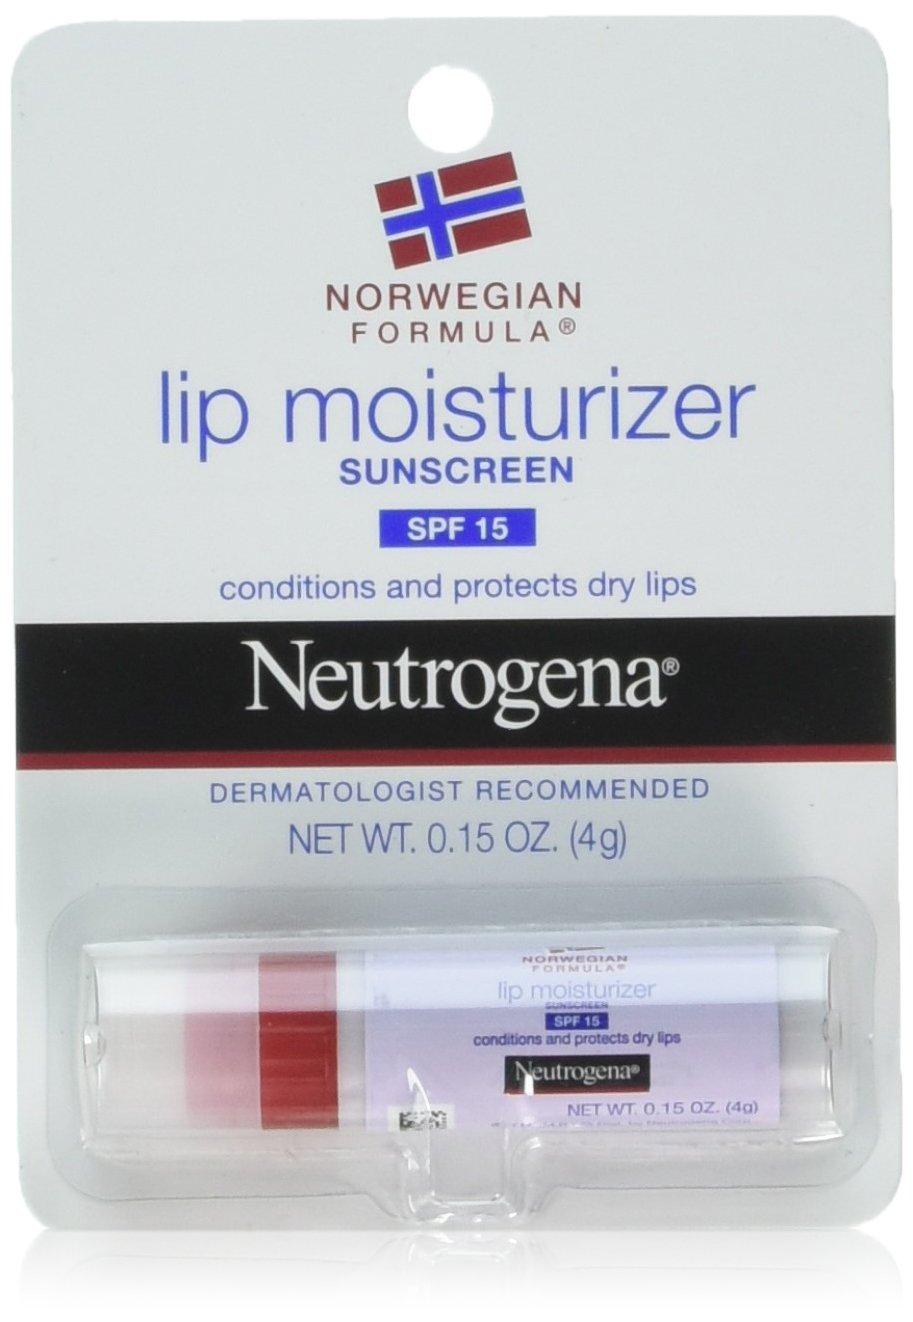 Neutrogena Norwegian Formula Lip Moisturizer, SPF 15, 0.15 Ounce 070501042007